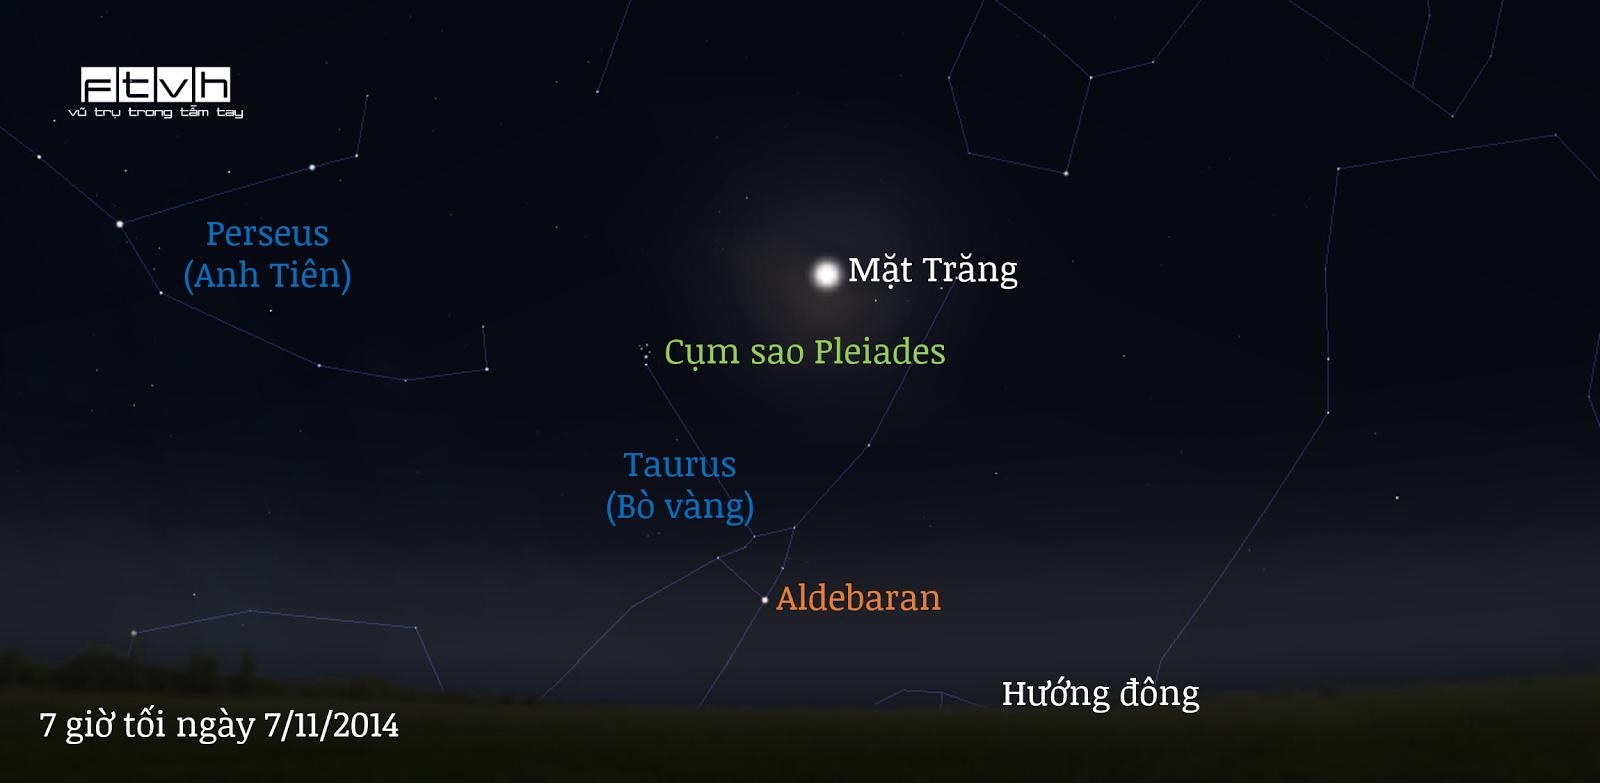 Bầu trời hướng đông lúc 7 giờ tối ngày 7/11/2014. Trăng rằm tỏa sáng cùng cụm sao Pleiades (M45) và ngôi sao màu đỏ cam Aldebaran trong chòm sao Taurus (Con bò vàng).